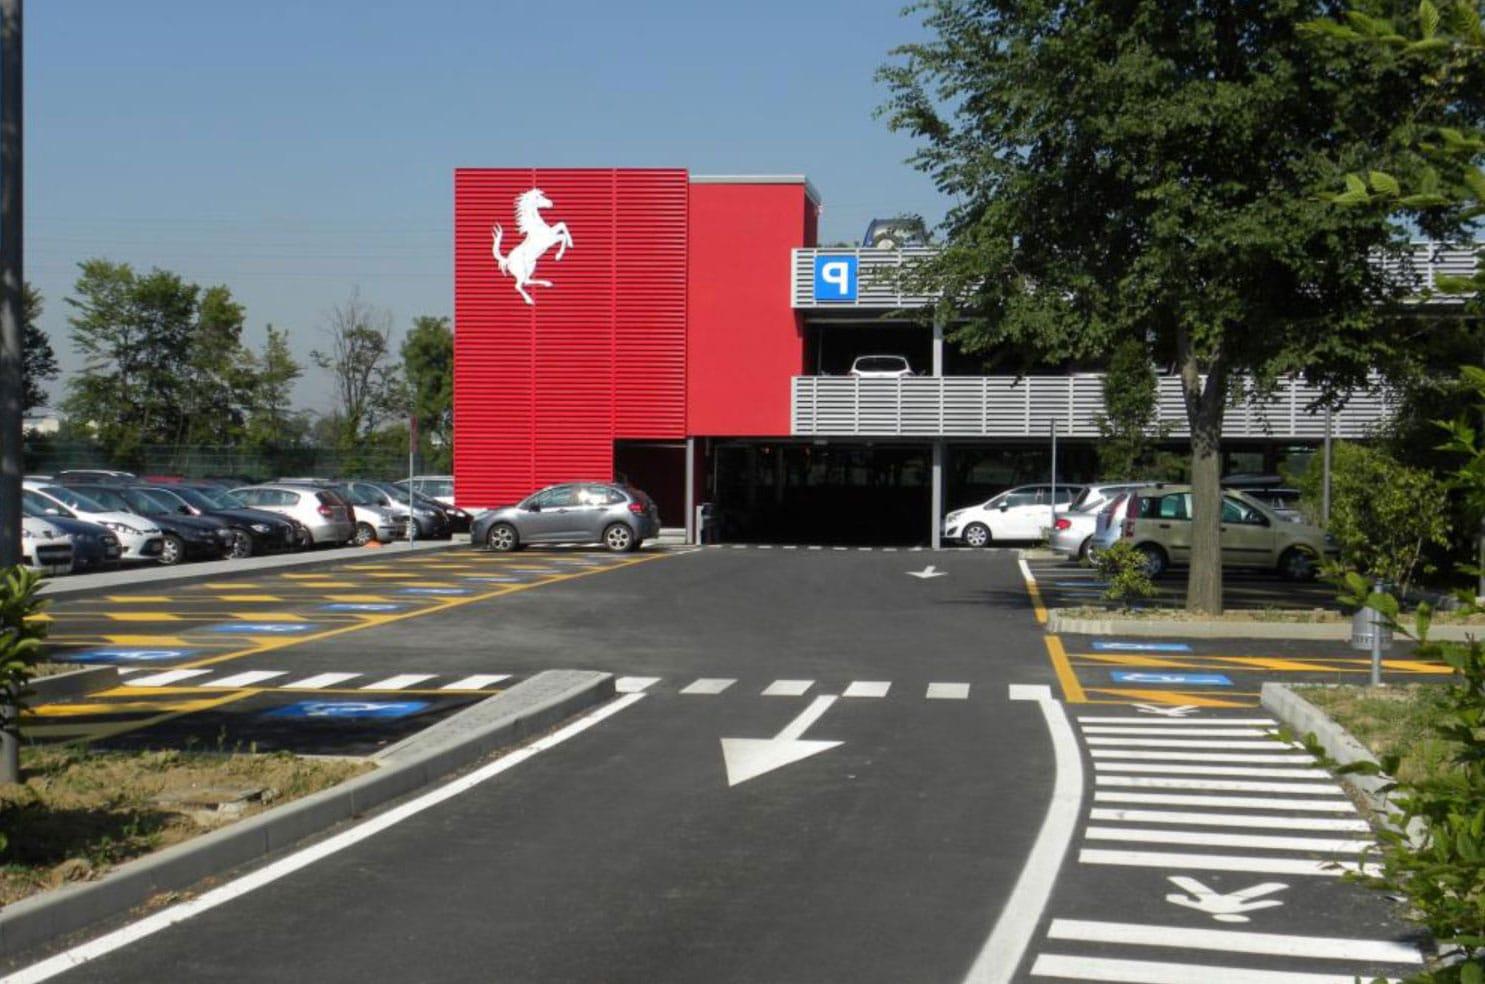 Evo-Park - Réalisation d'un parking aérien ouvert en structure métallique